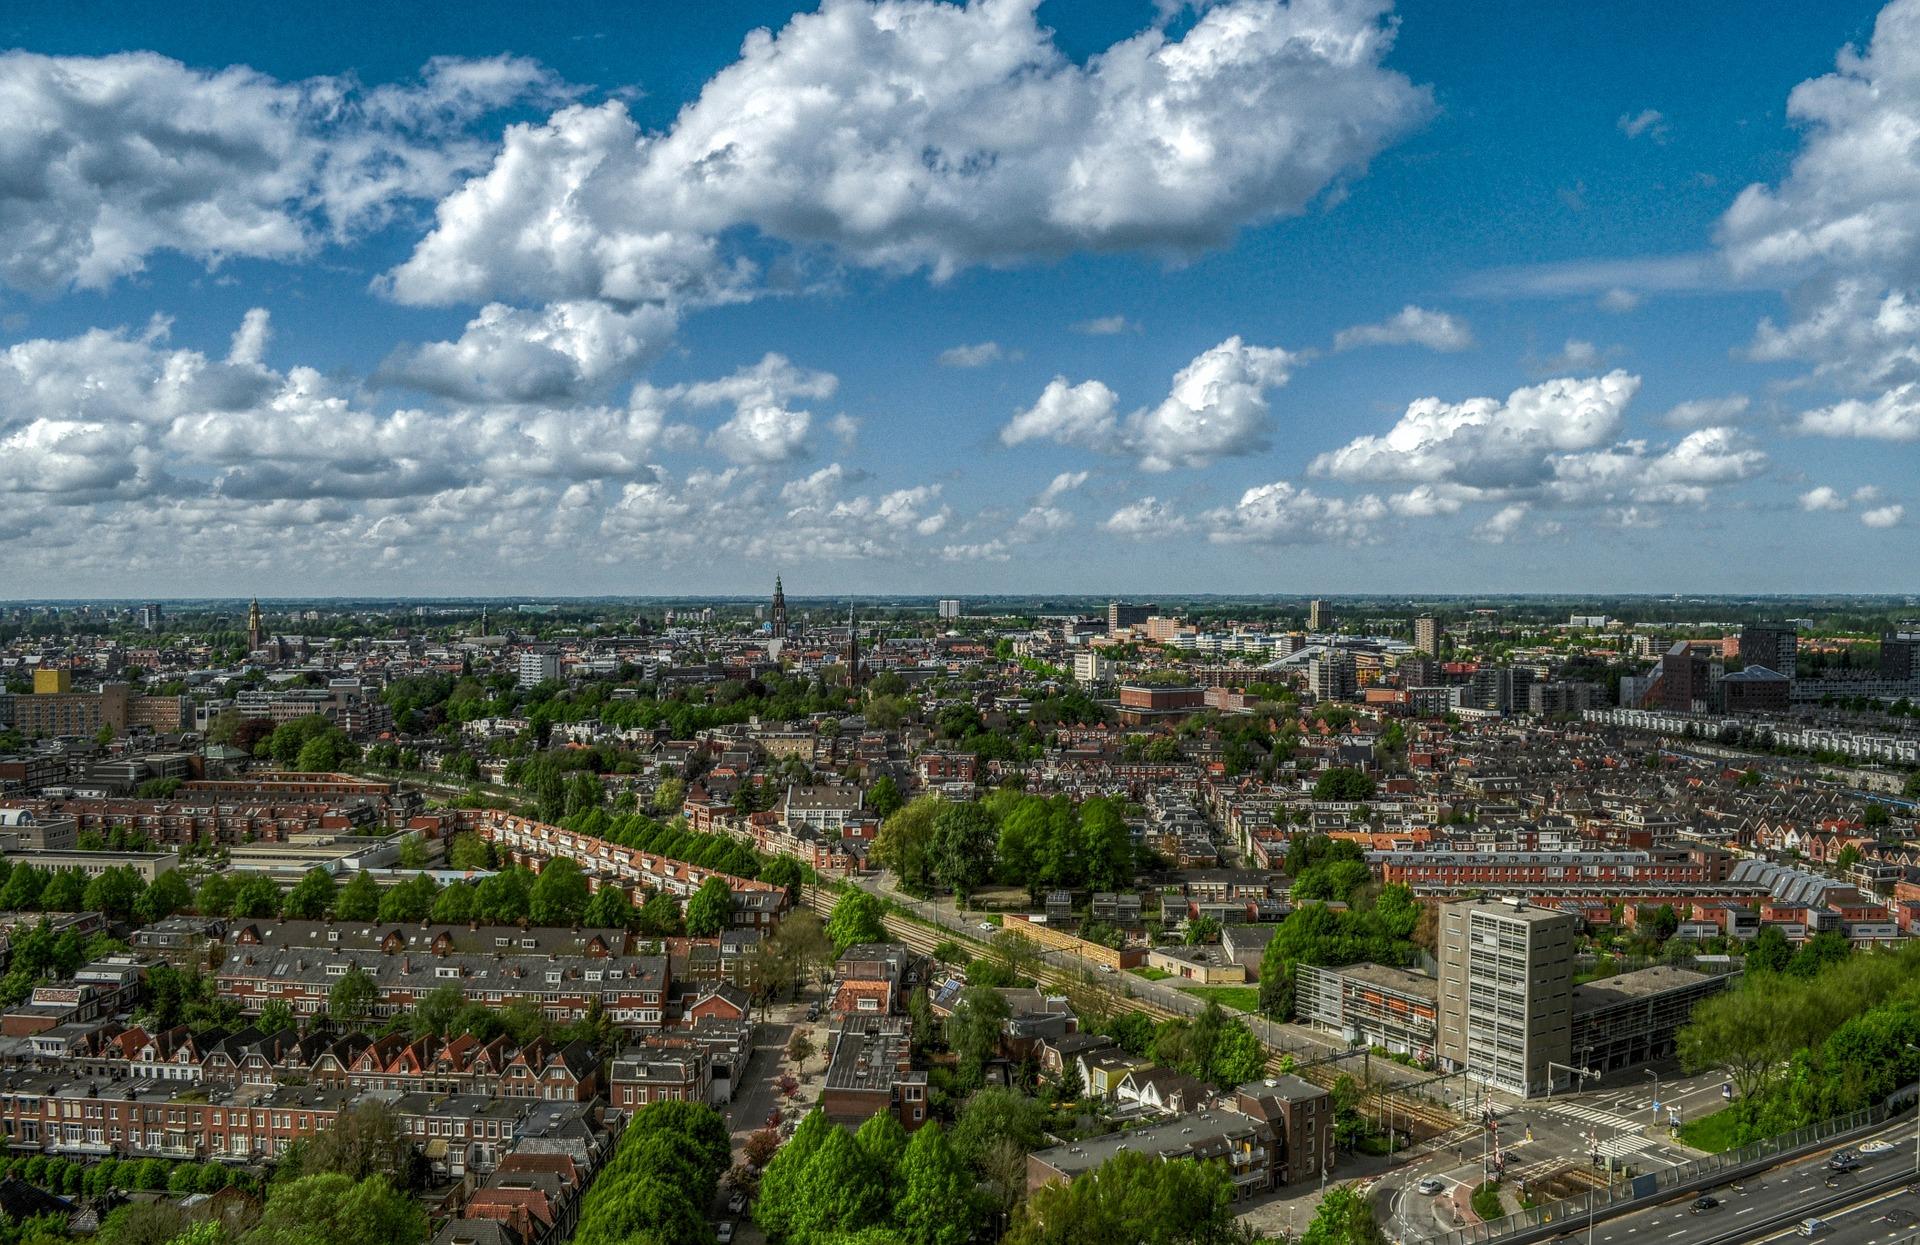 Fonds voor vrouwen in Groningen